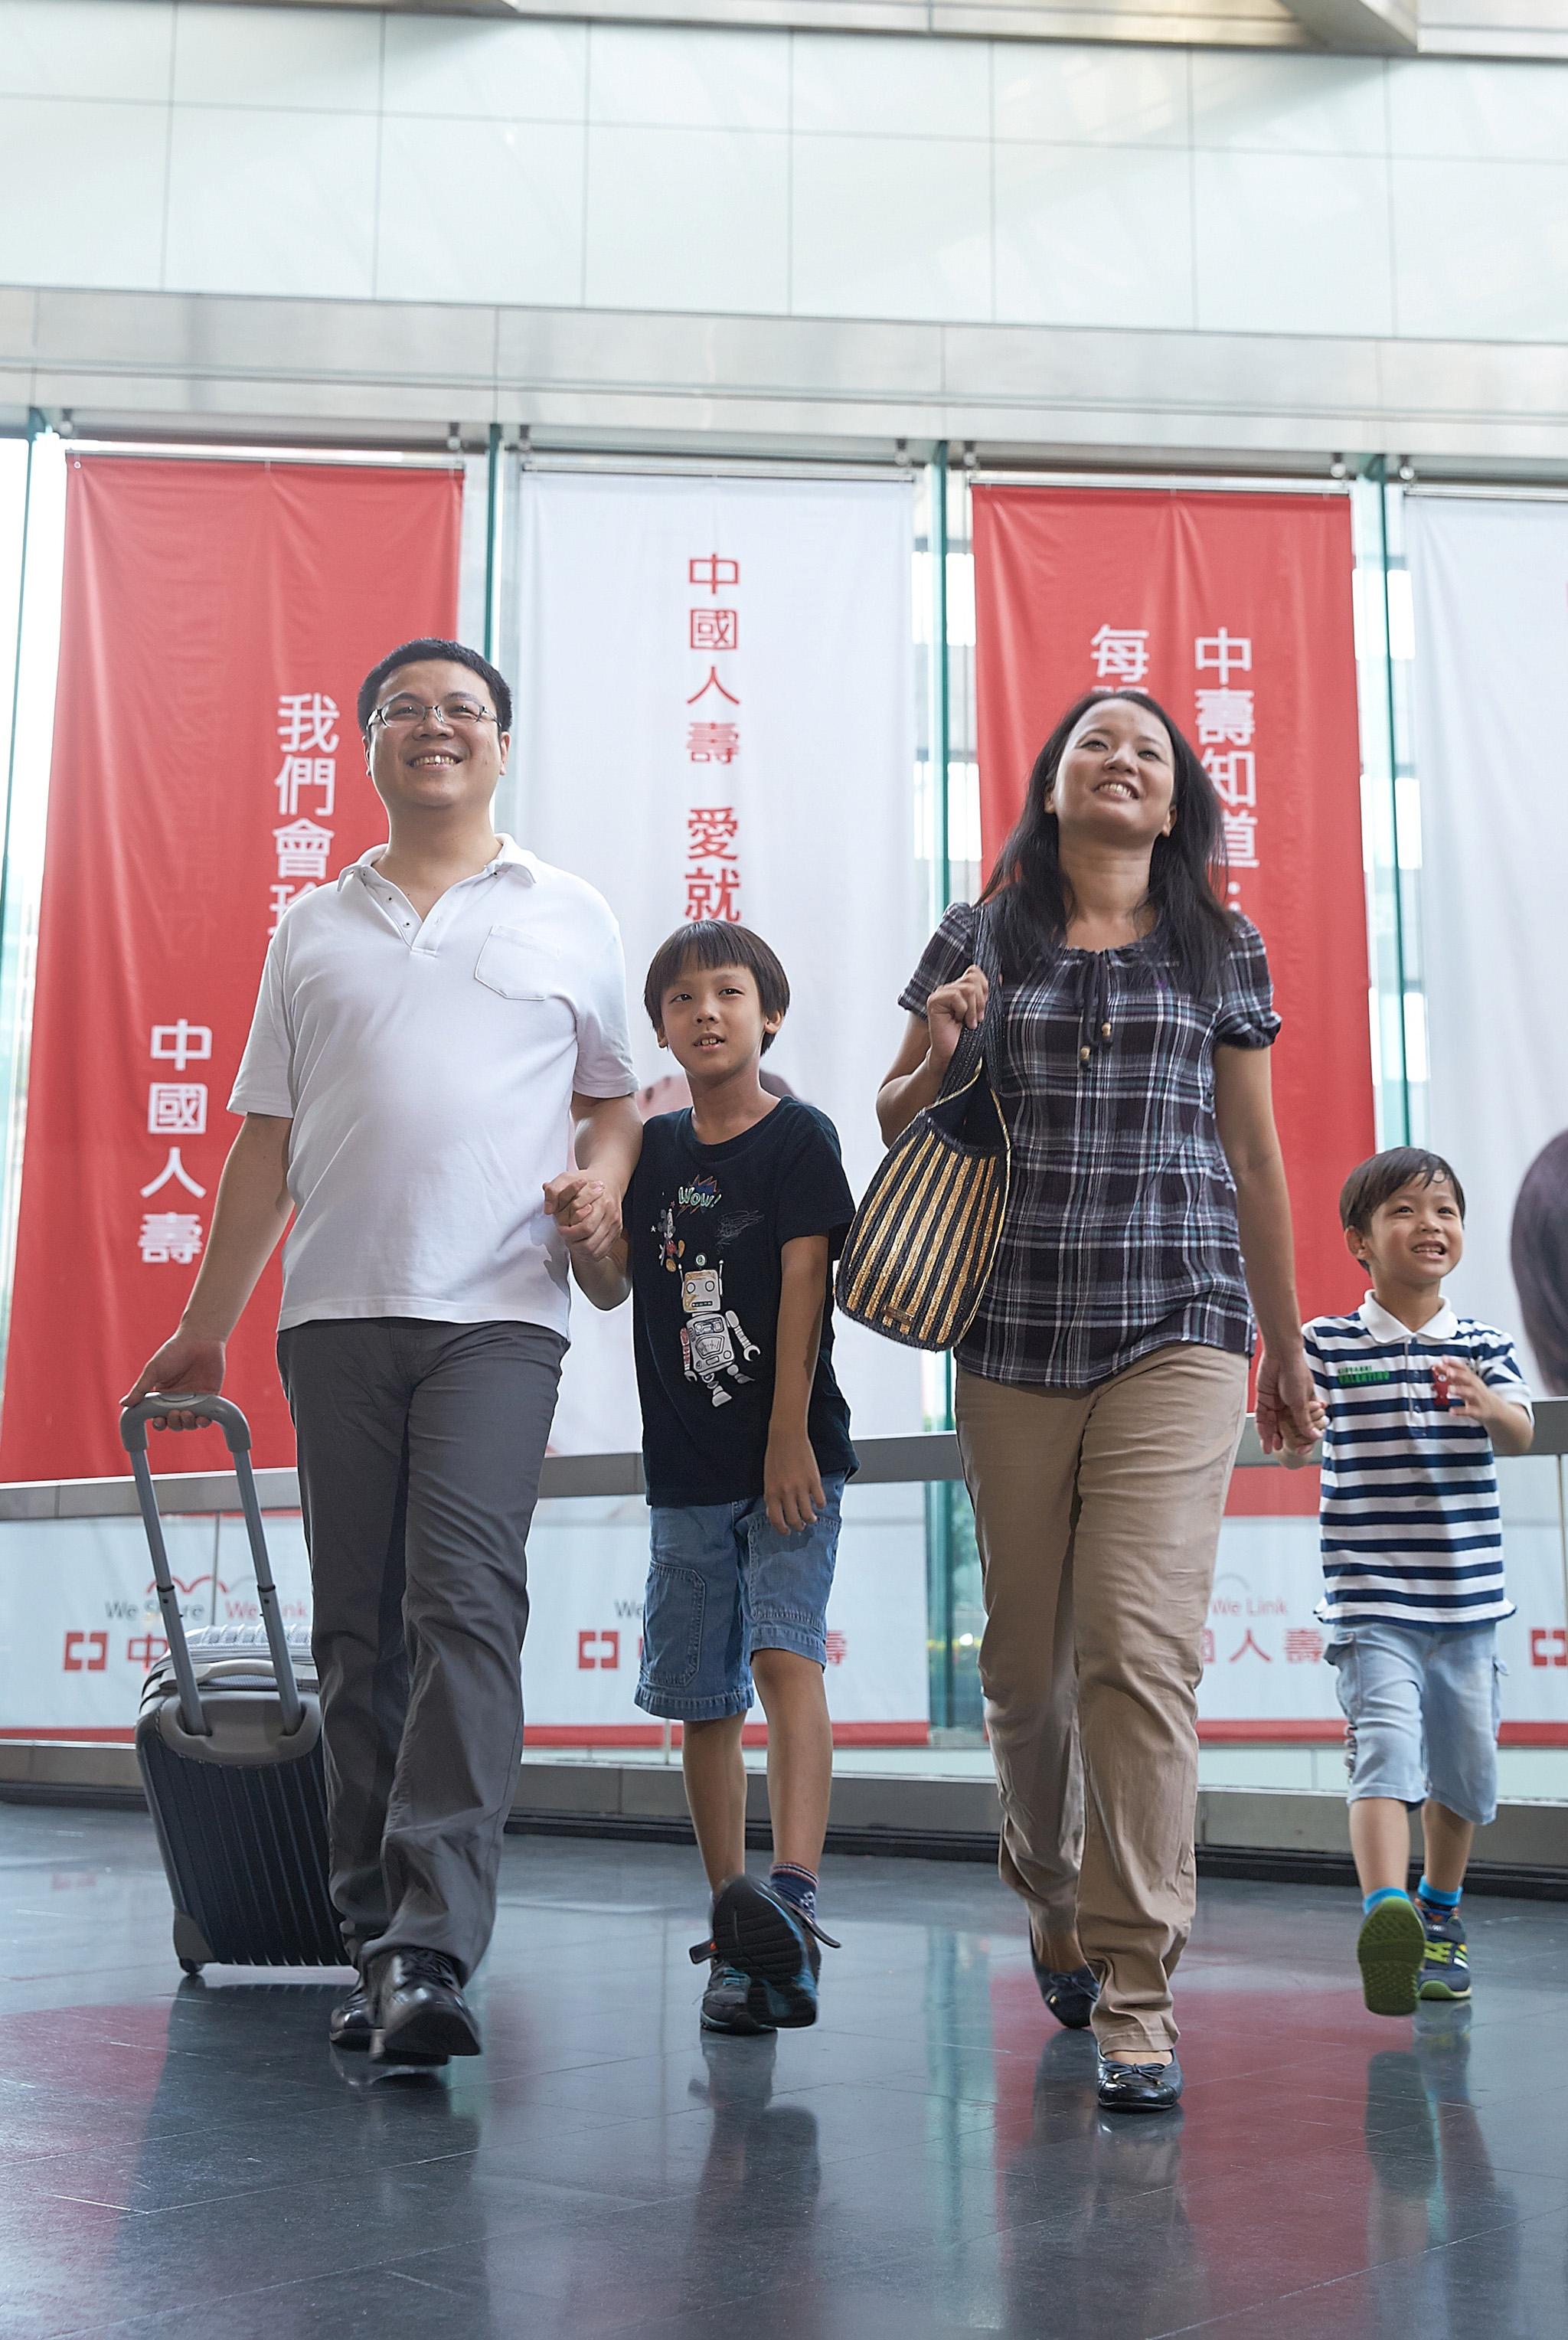 假期出遊,中國人壽建議規劃旅程勿忘旅行平安險。